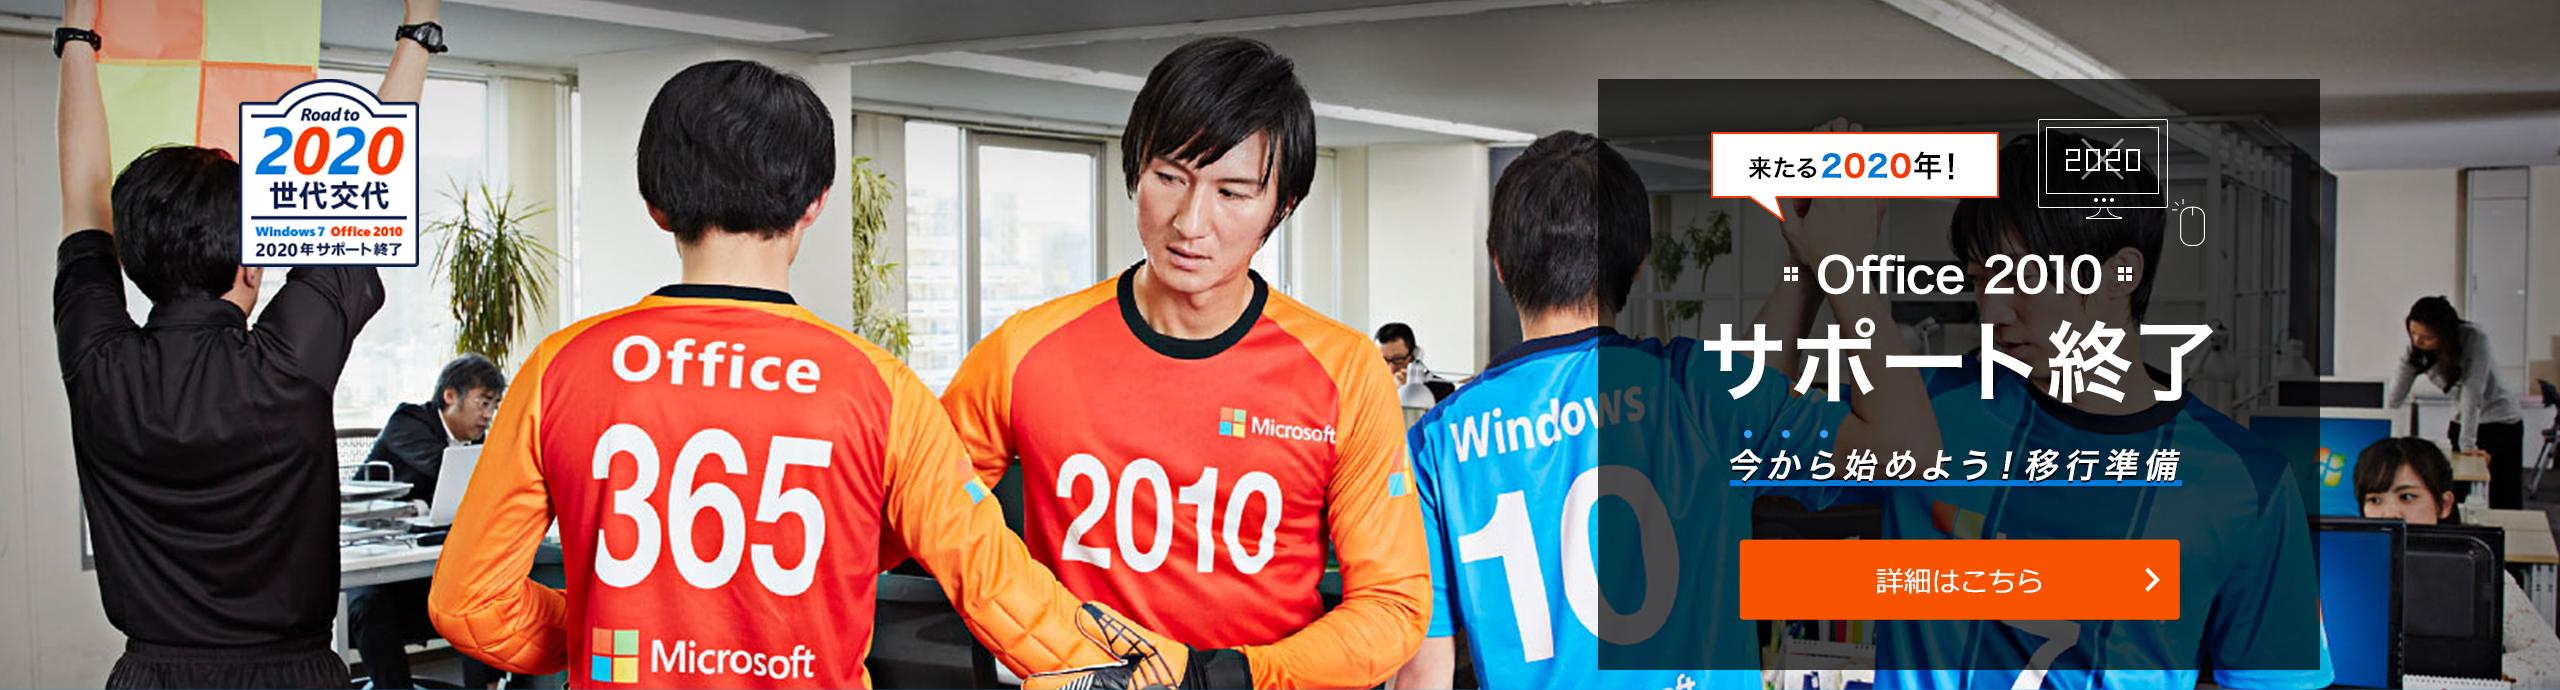 2020世代交代 来たる2020年! Office2010サポート終了 今から始めよう!移行準備